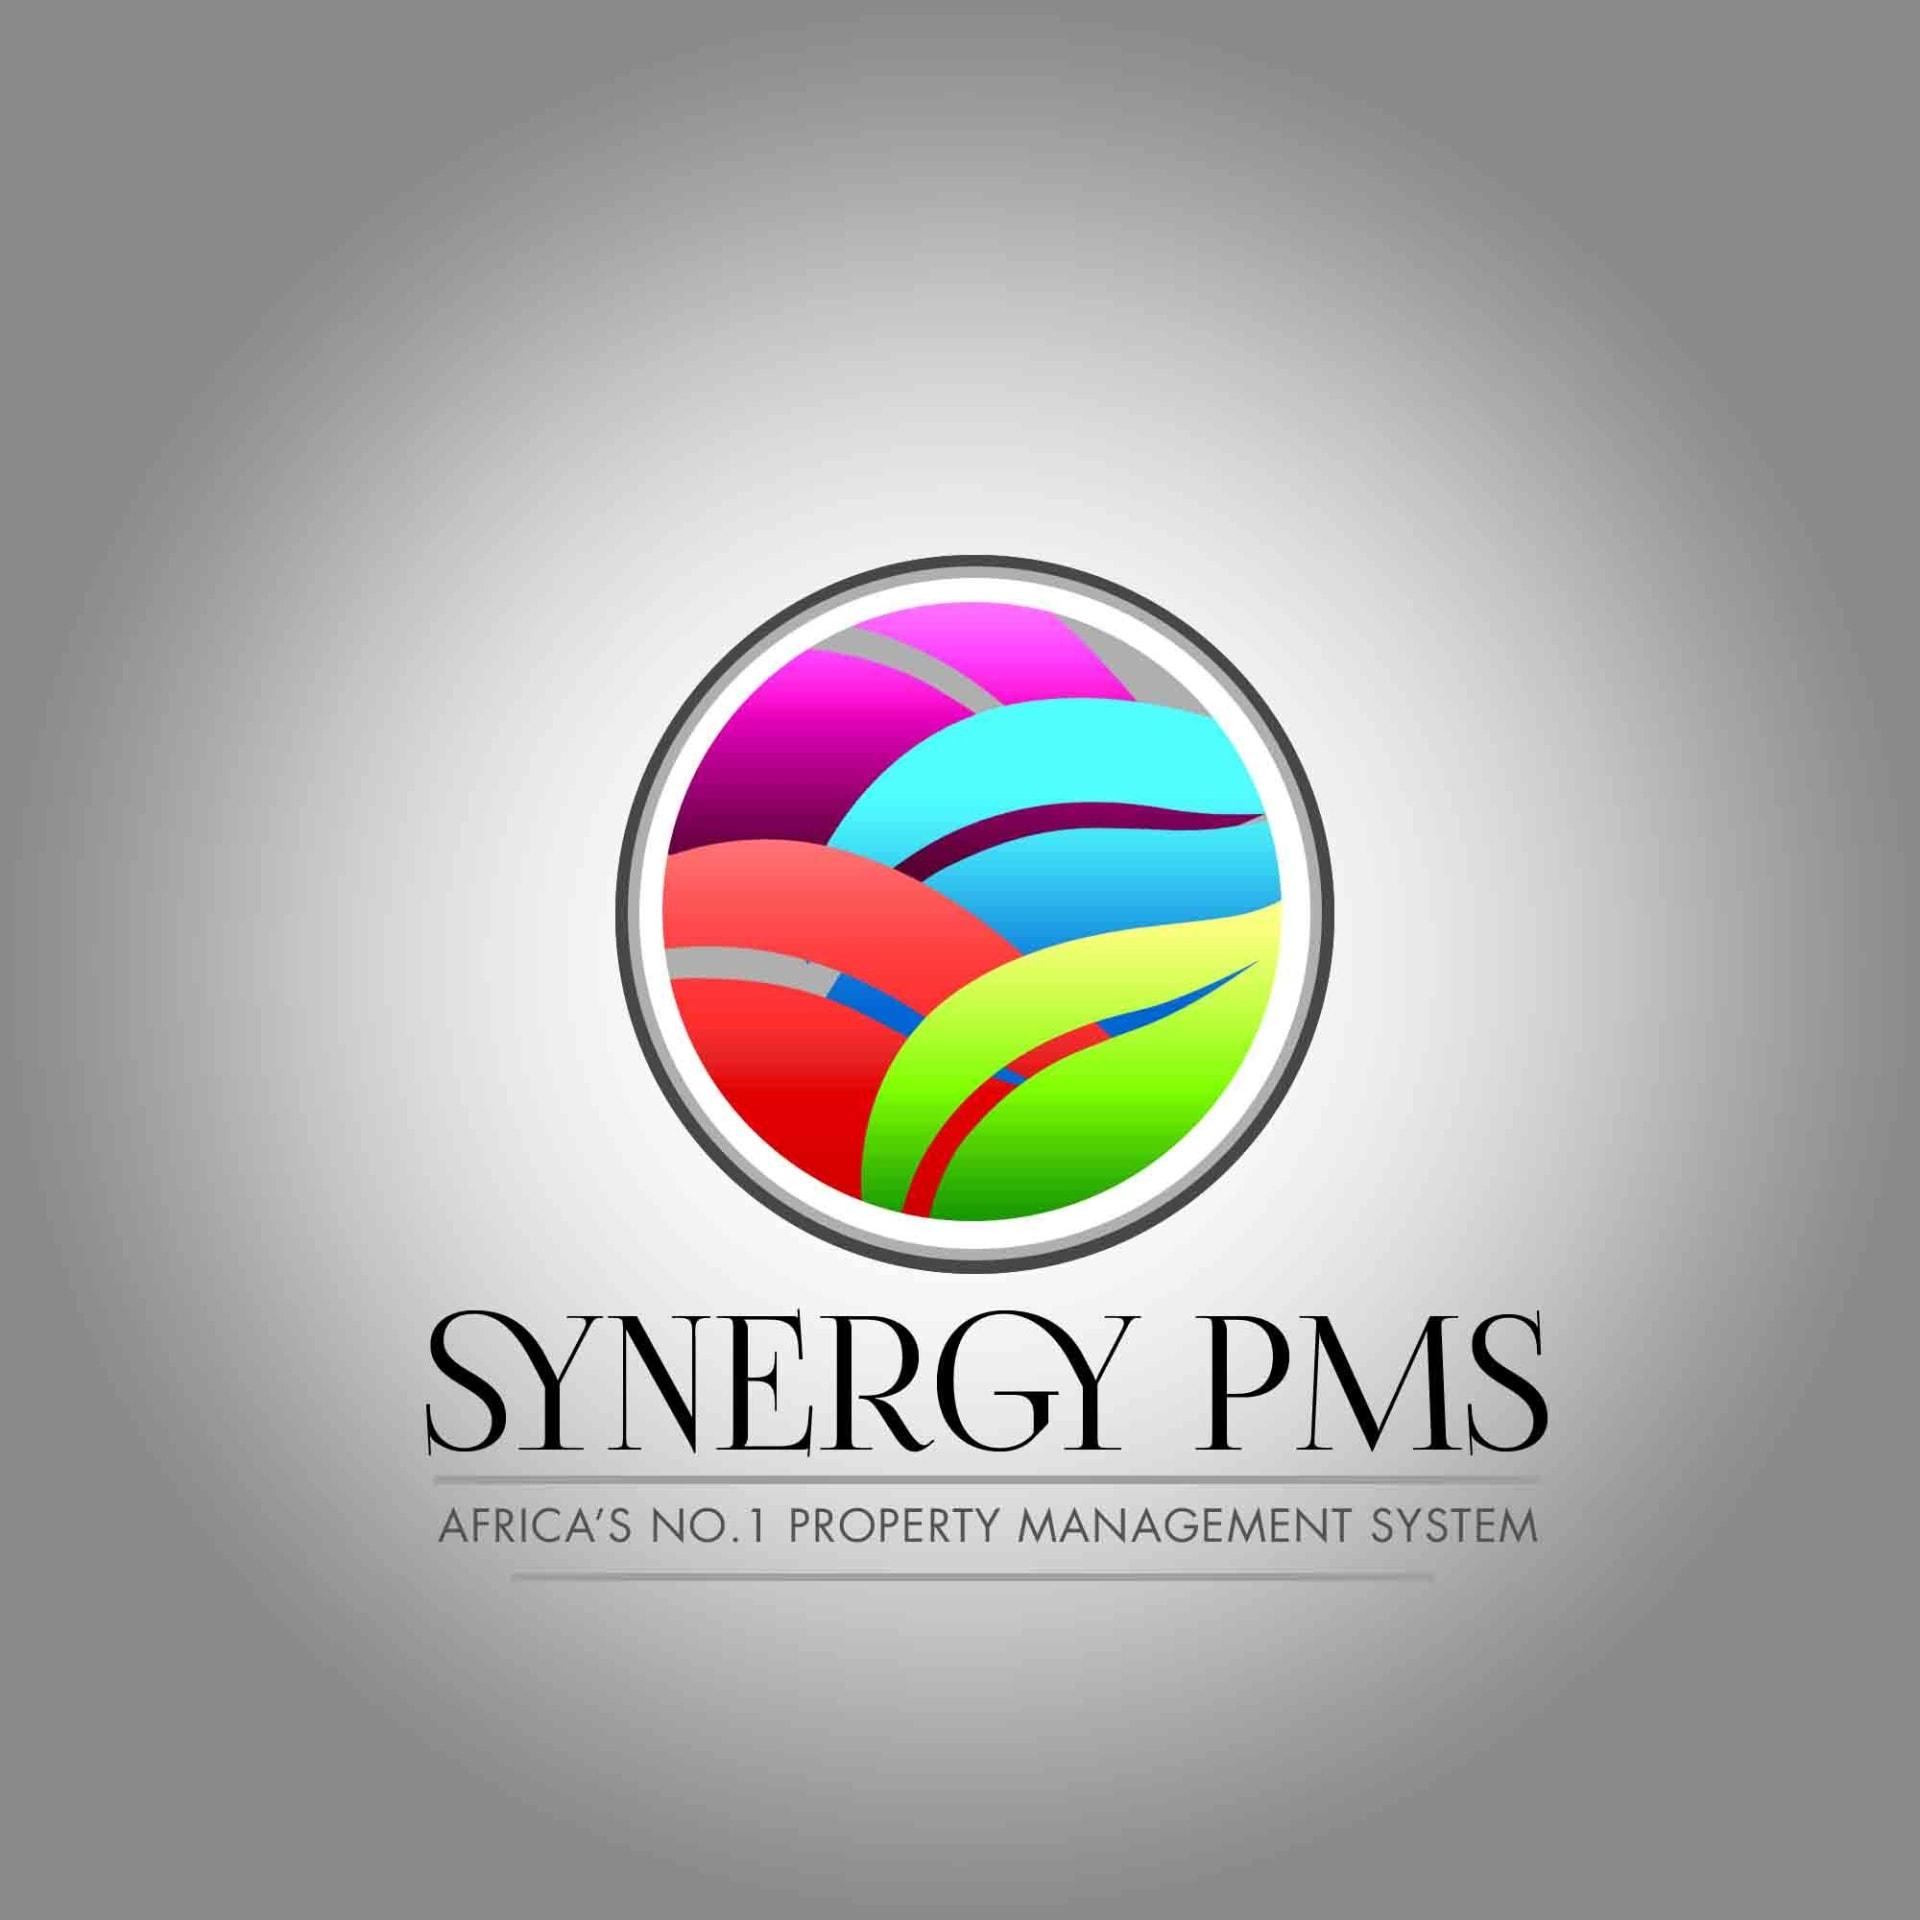 synergy_logo_4_zuimo8